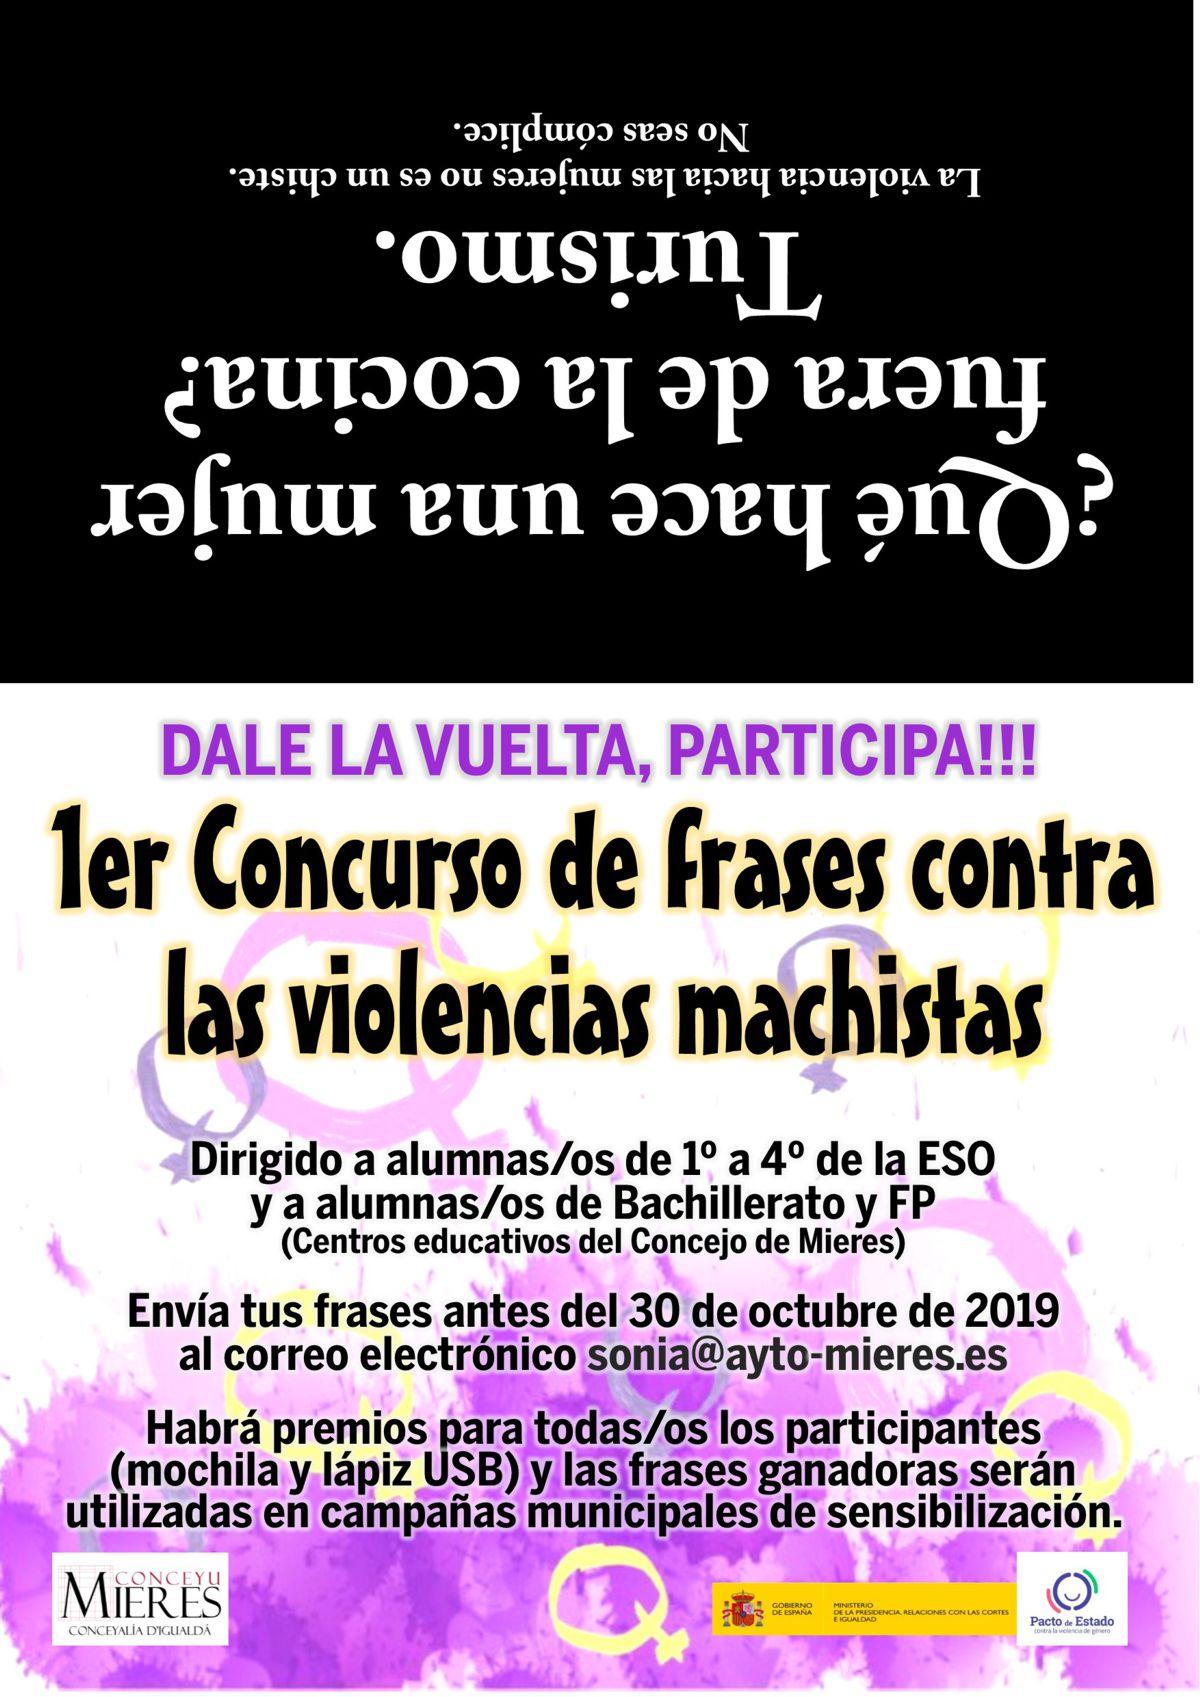 1er Concurso De Frases Contra Las Violencias Machistas